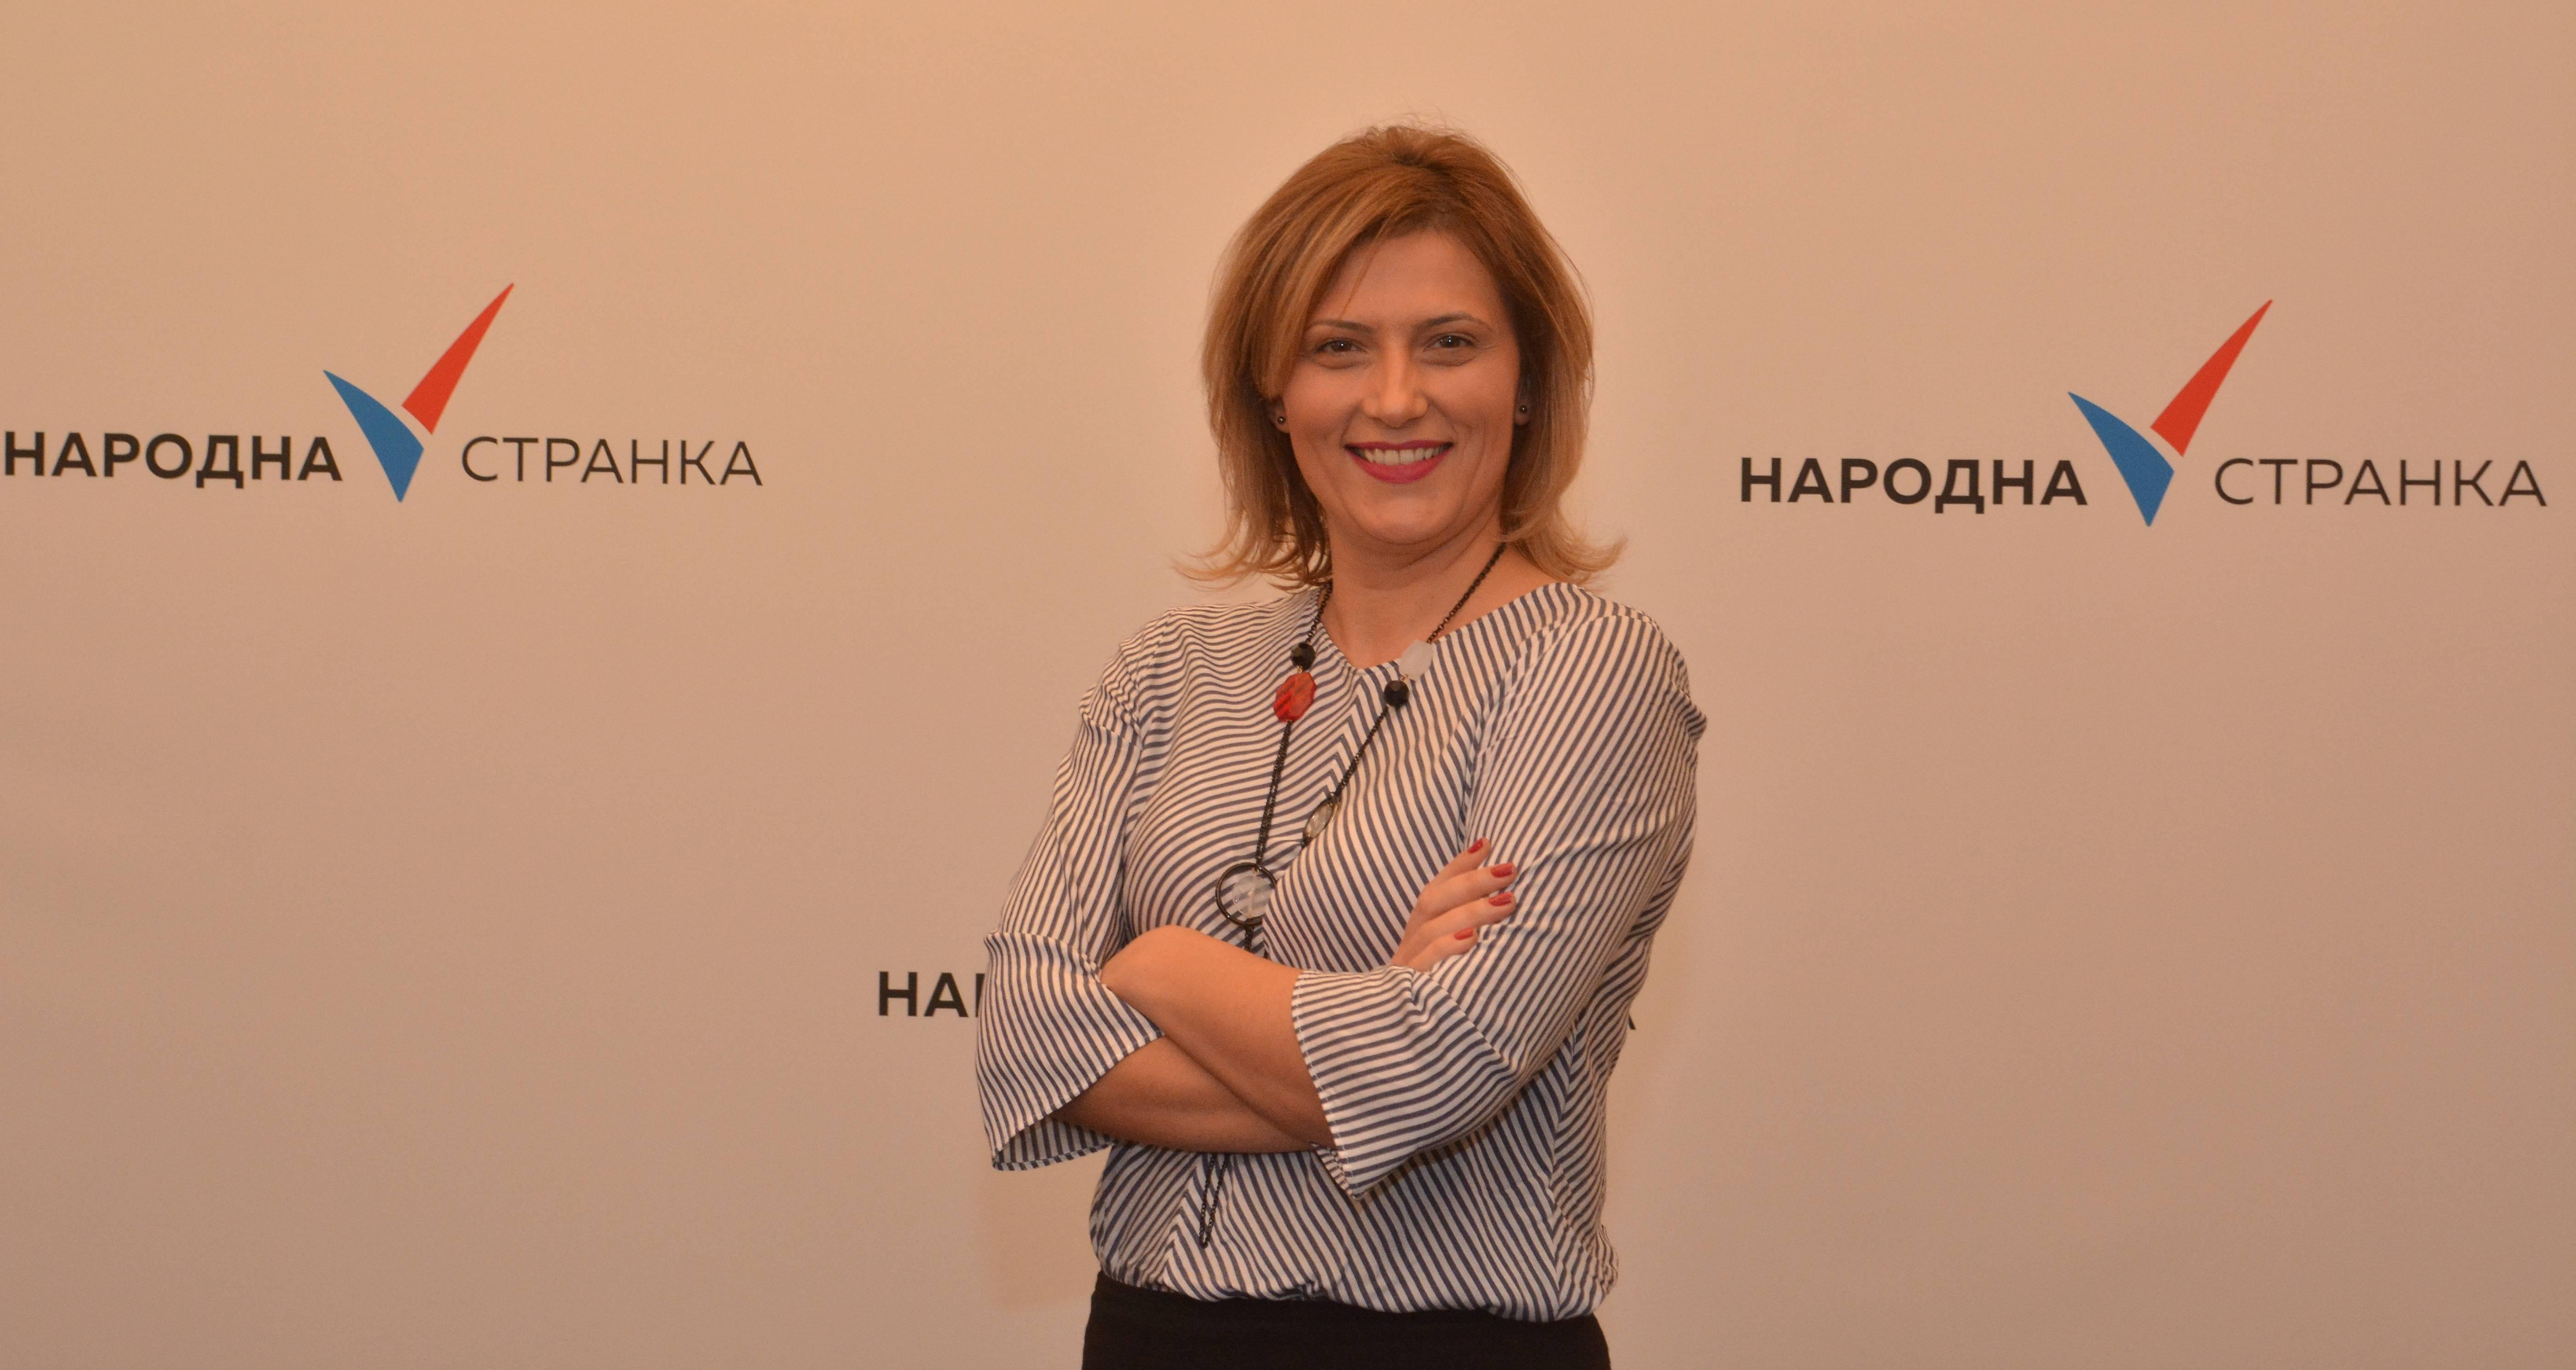 Марина Липовац Танасковић: Циљ нових саобраћајних казни је узимање више новца од грађана, оне нису мера безбедности